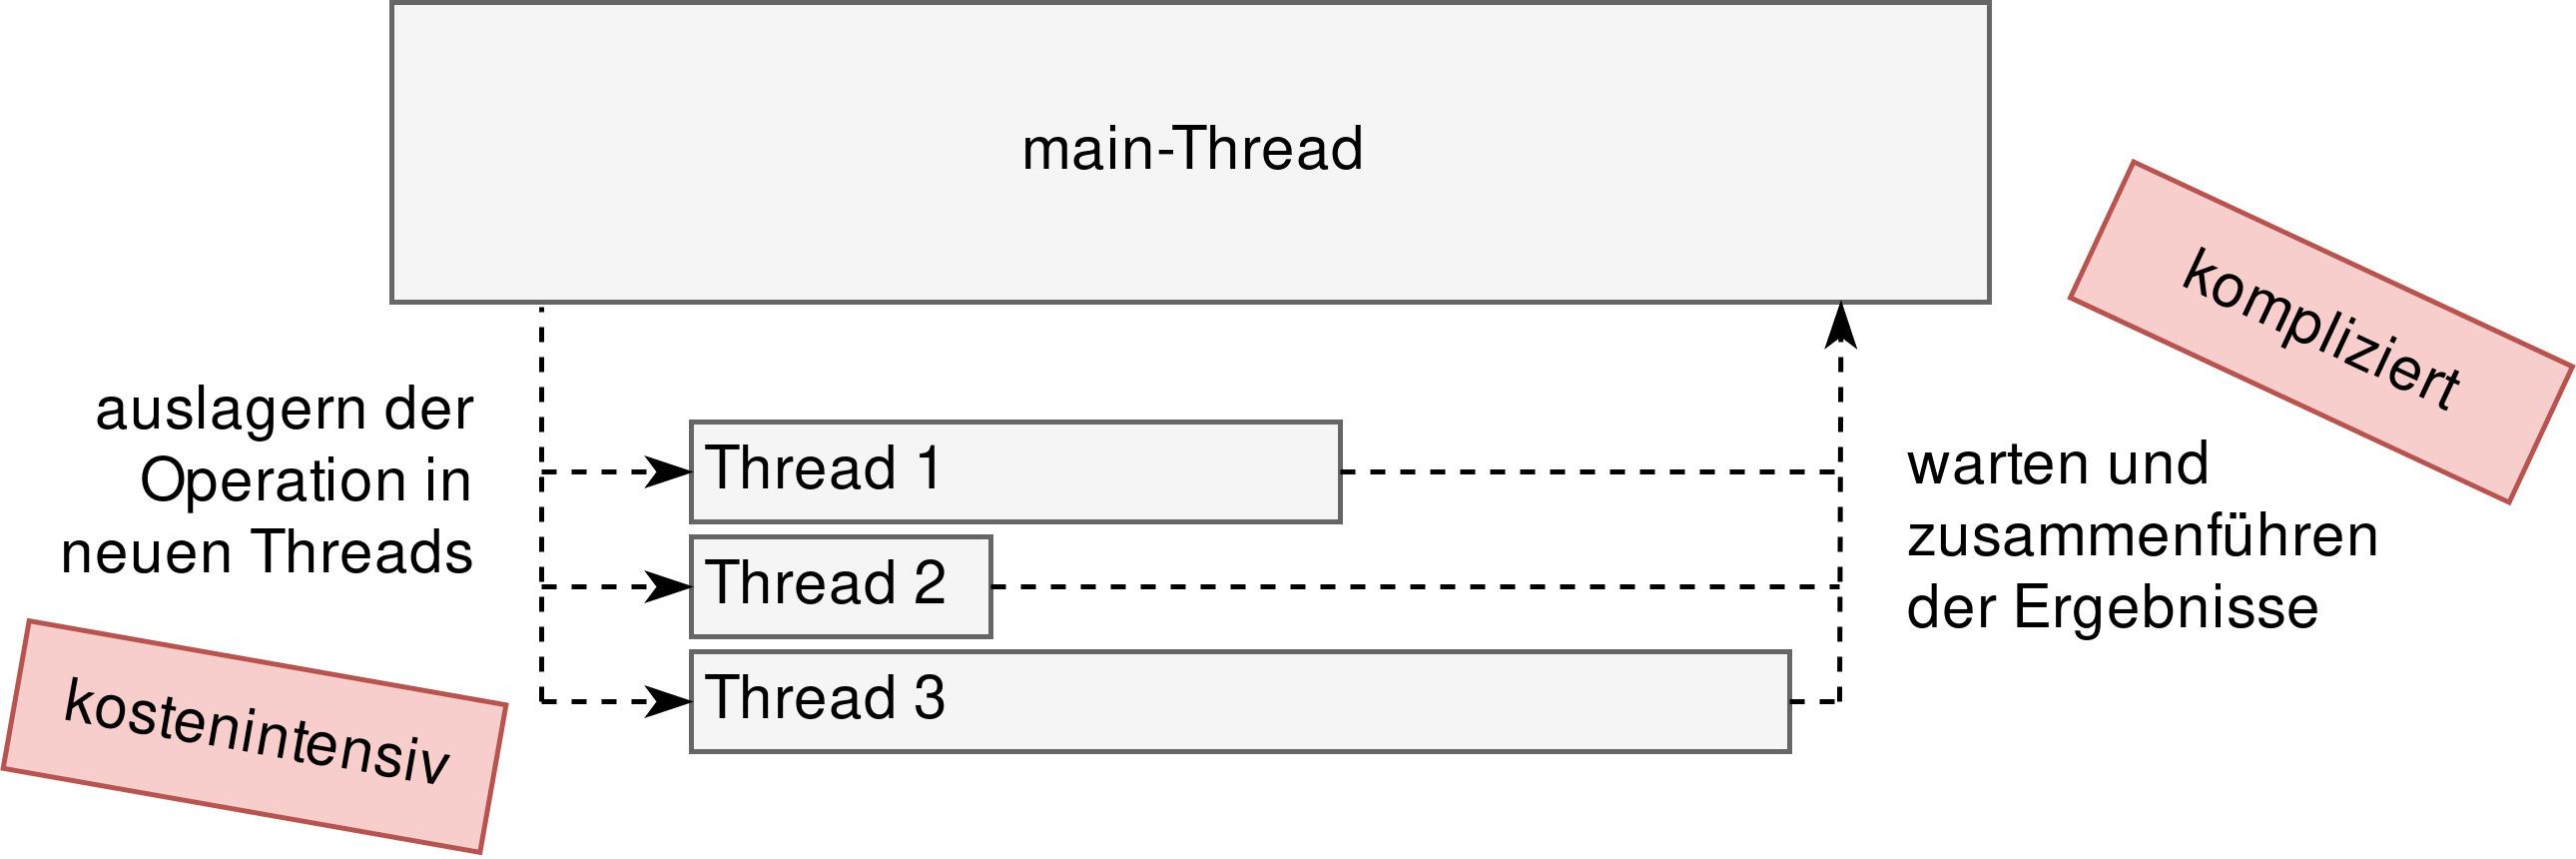 Abbildung 2: Operationen in neue Threads auslagern: asynchron, aber blockierend